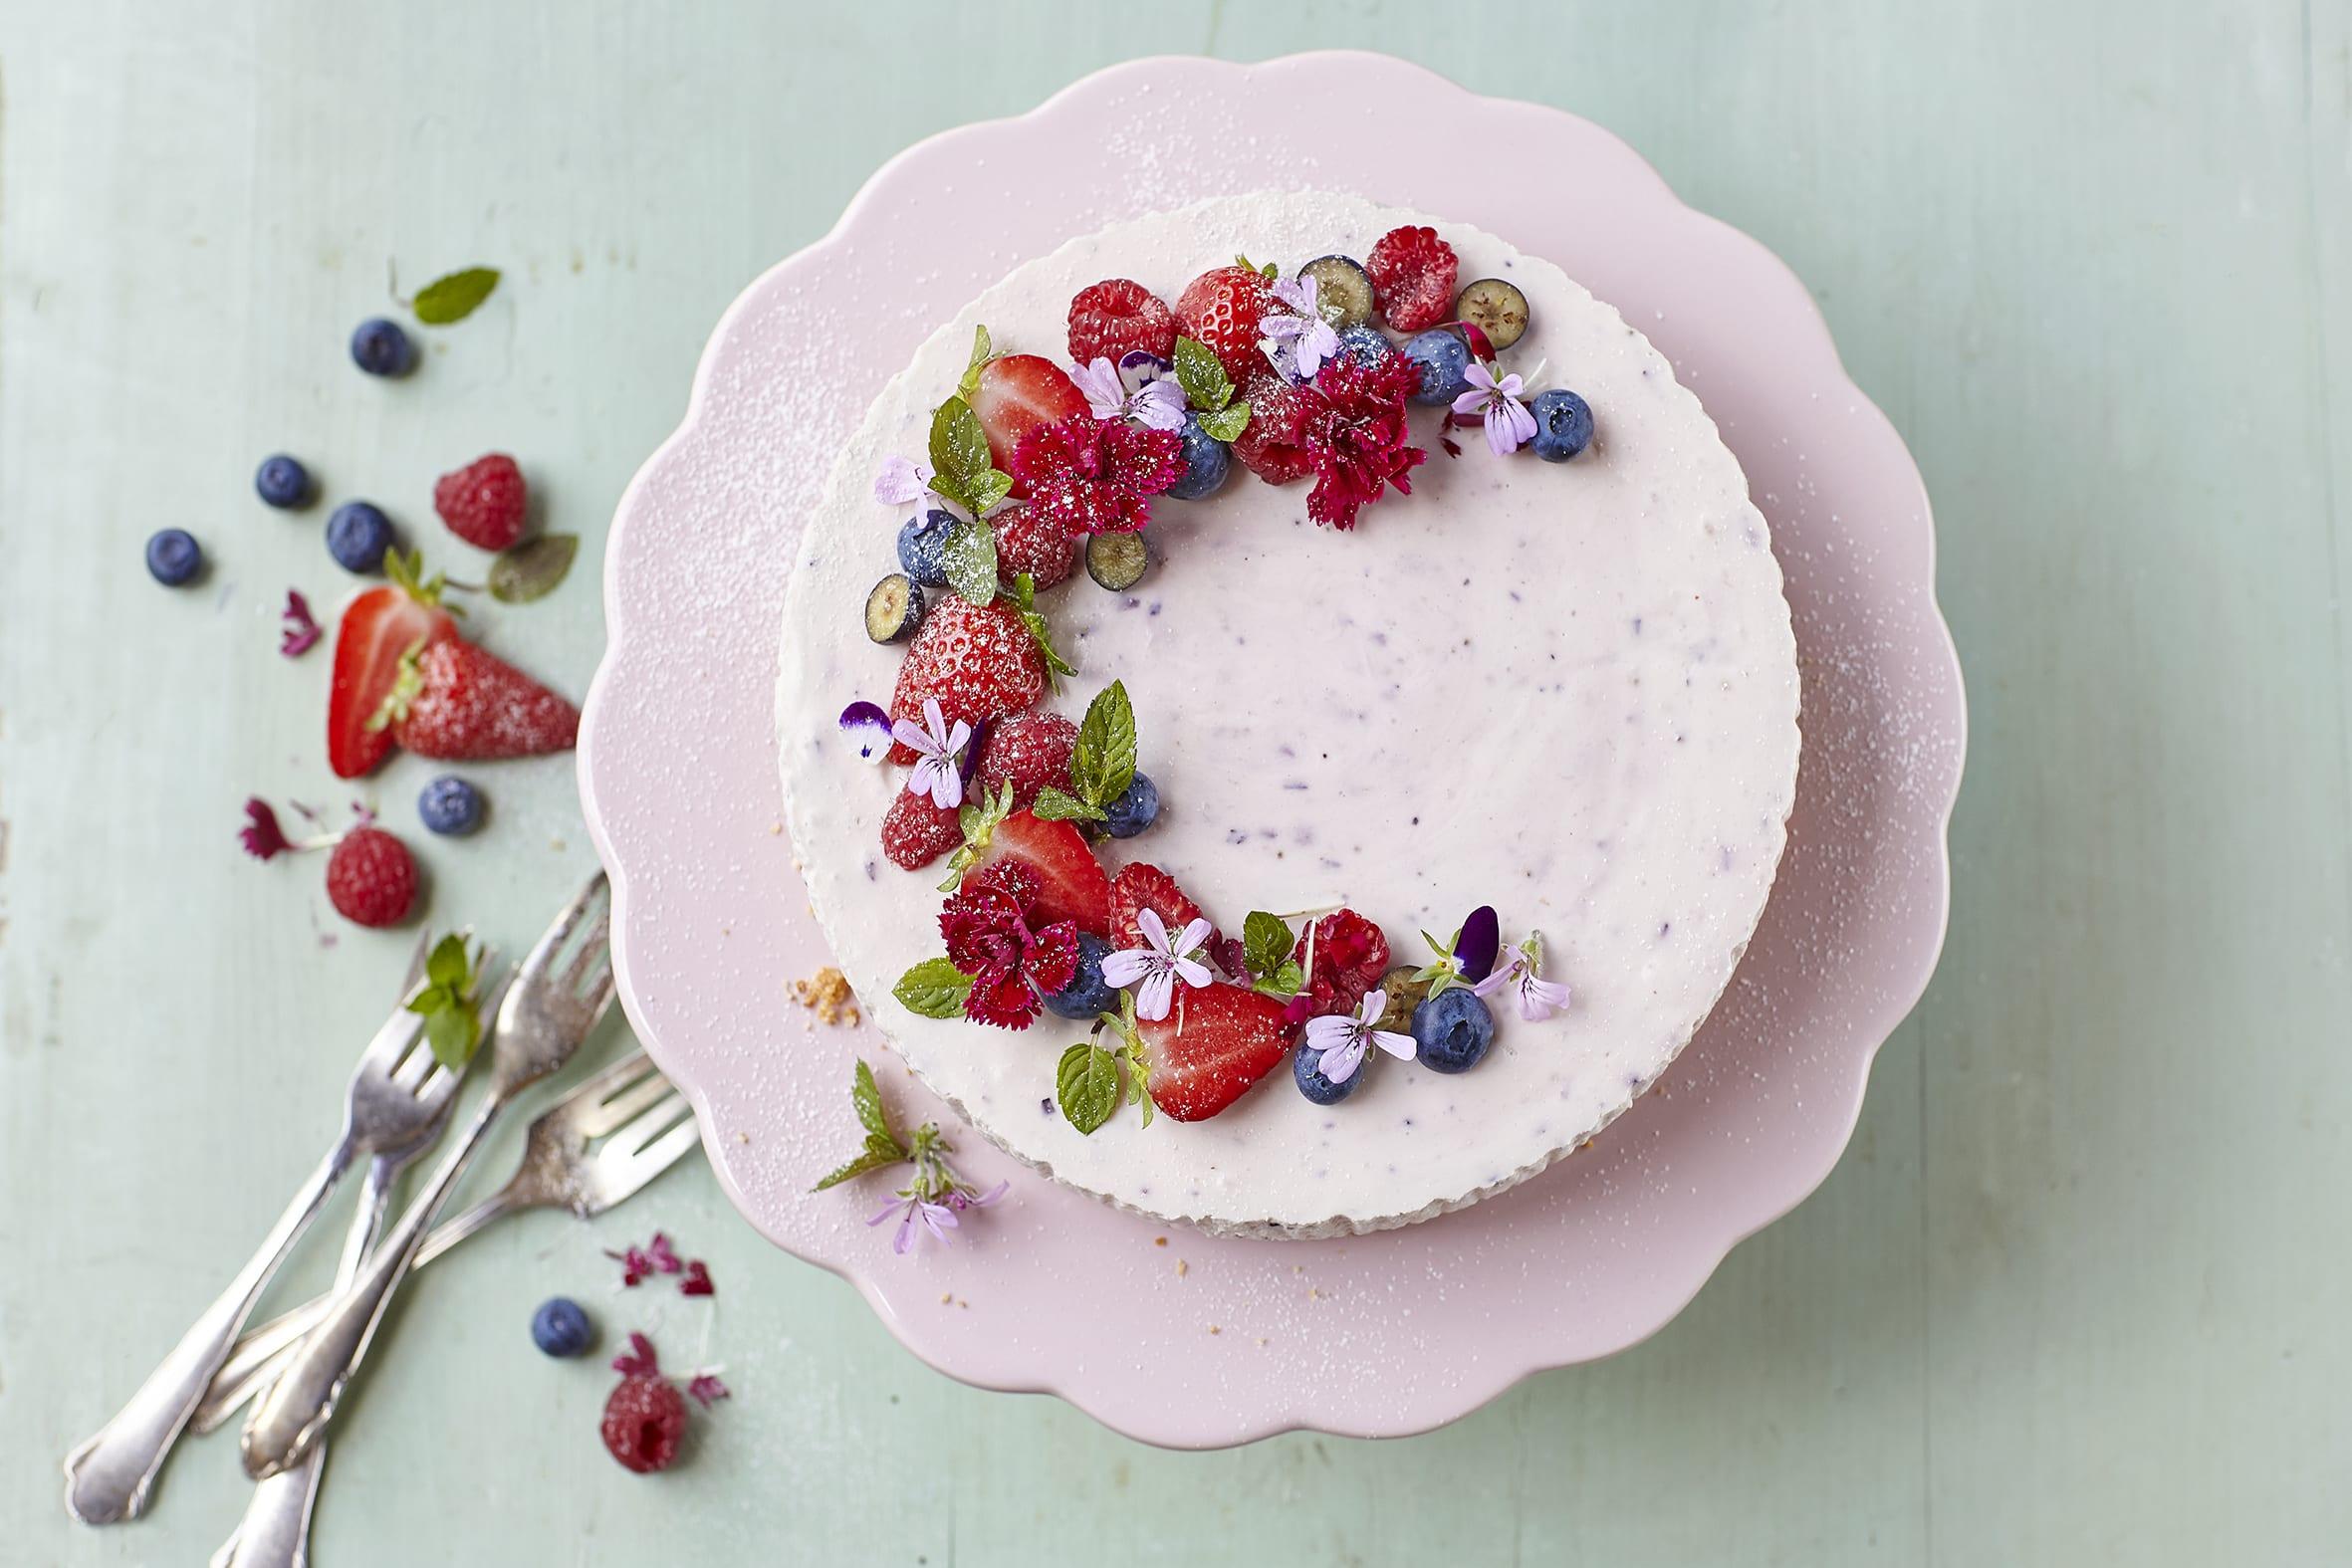 Gâteau au séré et aux fruits rouges (sans cuisson)